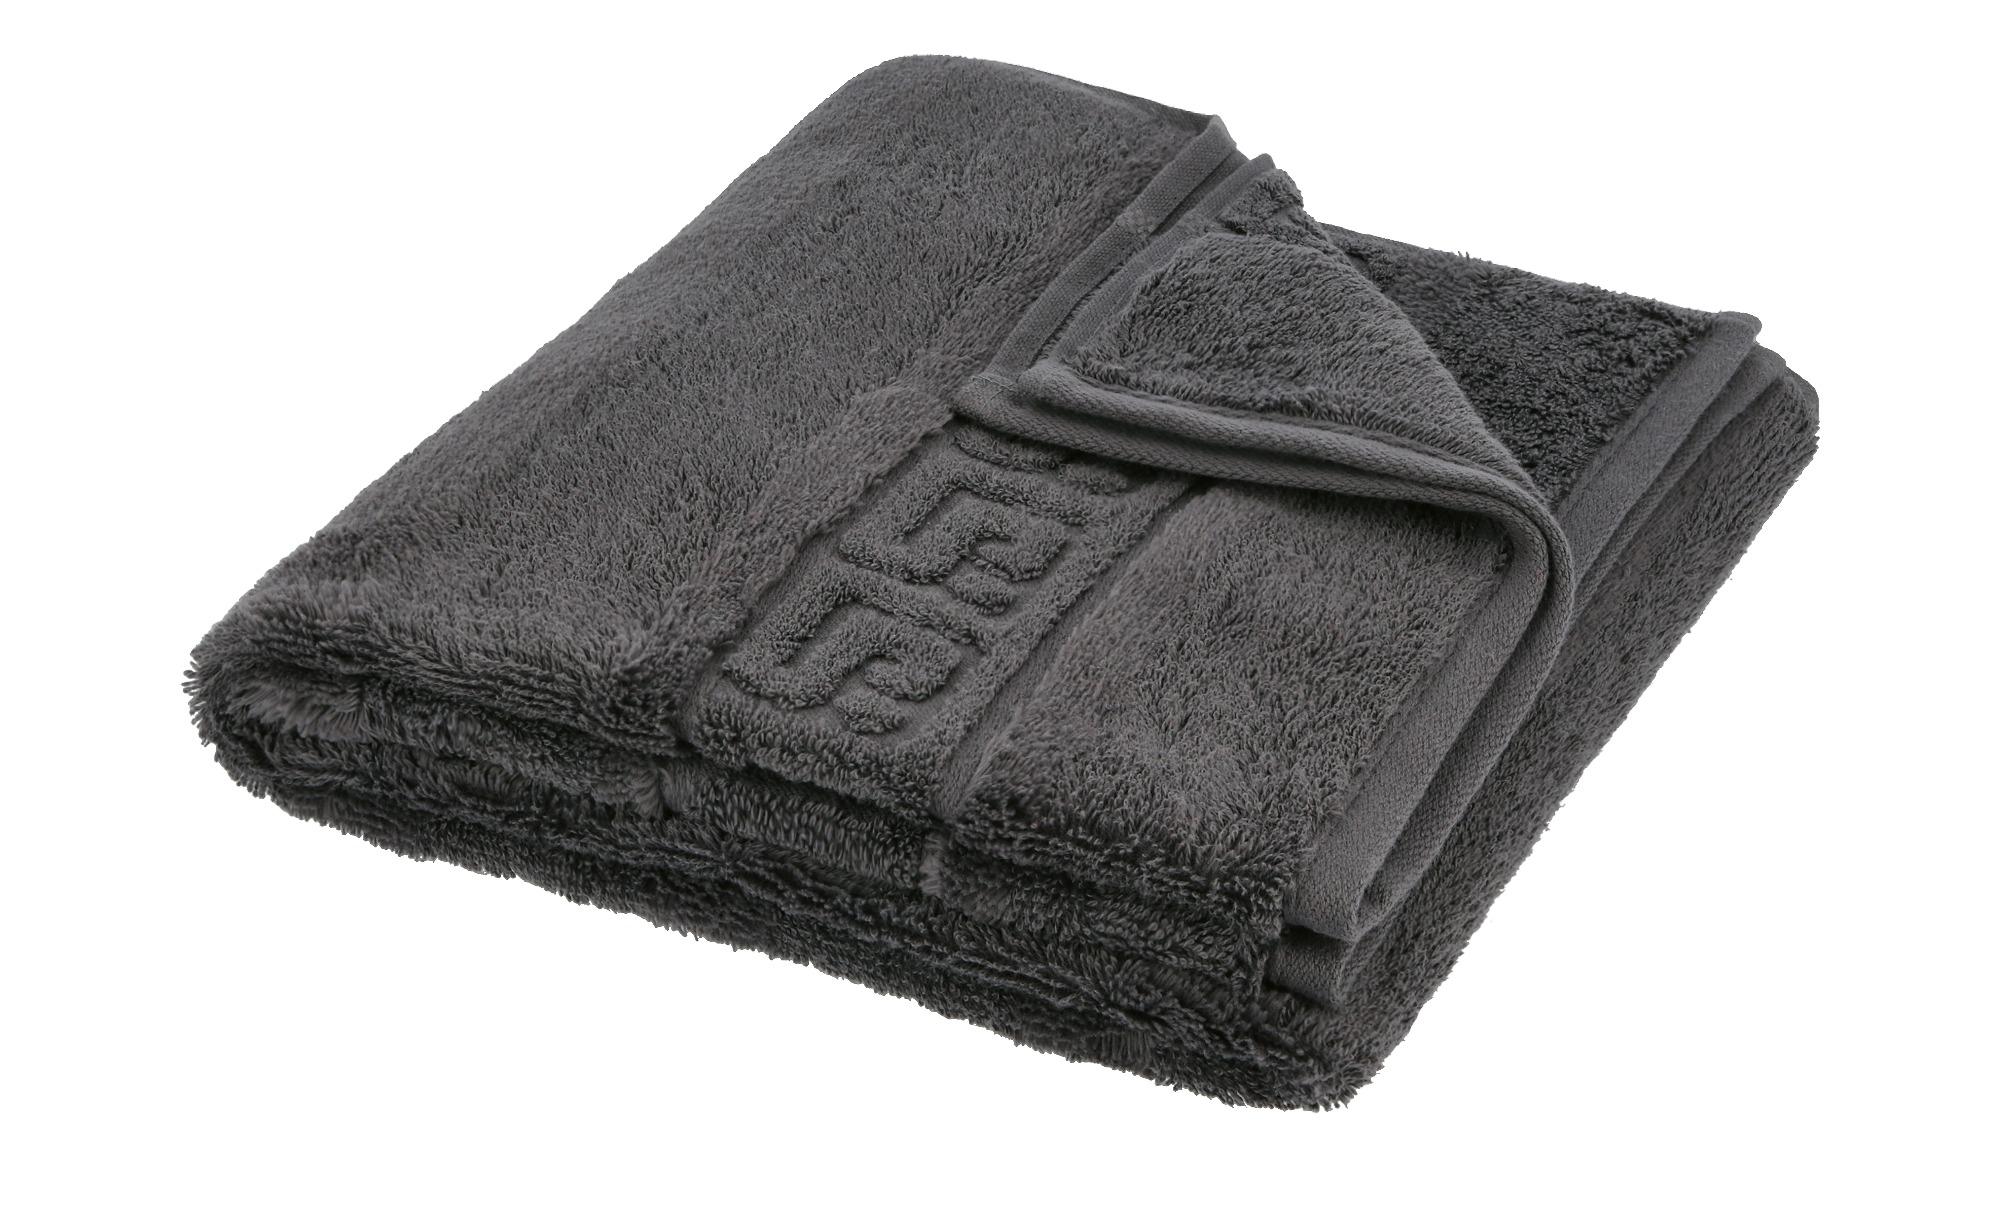 CaWö Handtuch  1001 ¦ grau ¦ 100% Baumwolle ¦ Maße (cm): B: 50 Badtextilien und Zubehör > Handtücher & Badetücher > Handtücher - Höffner